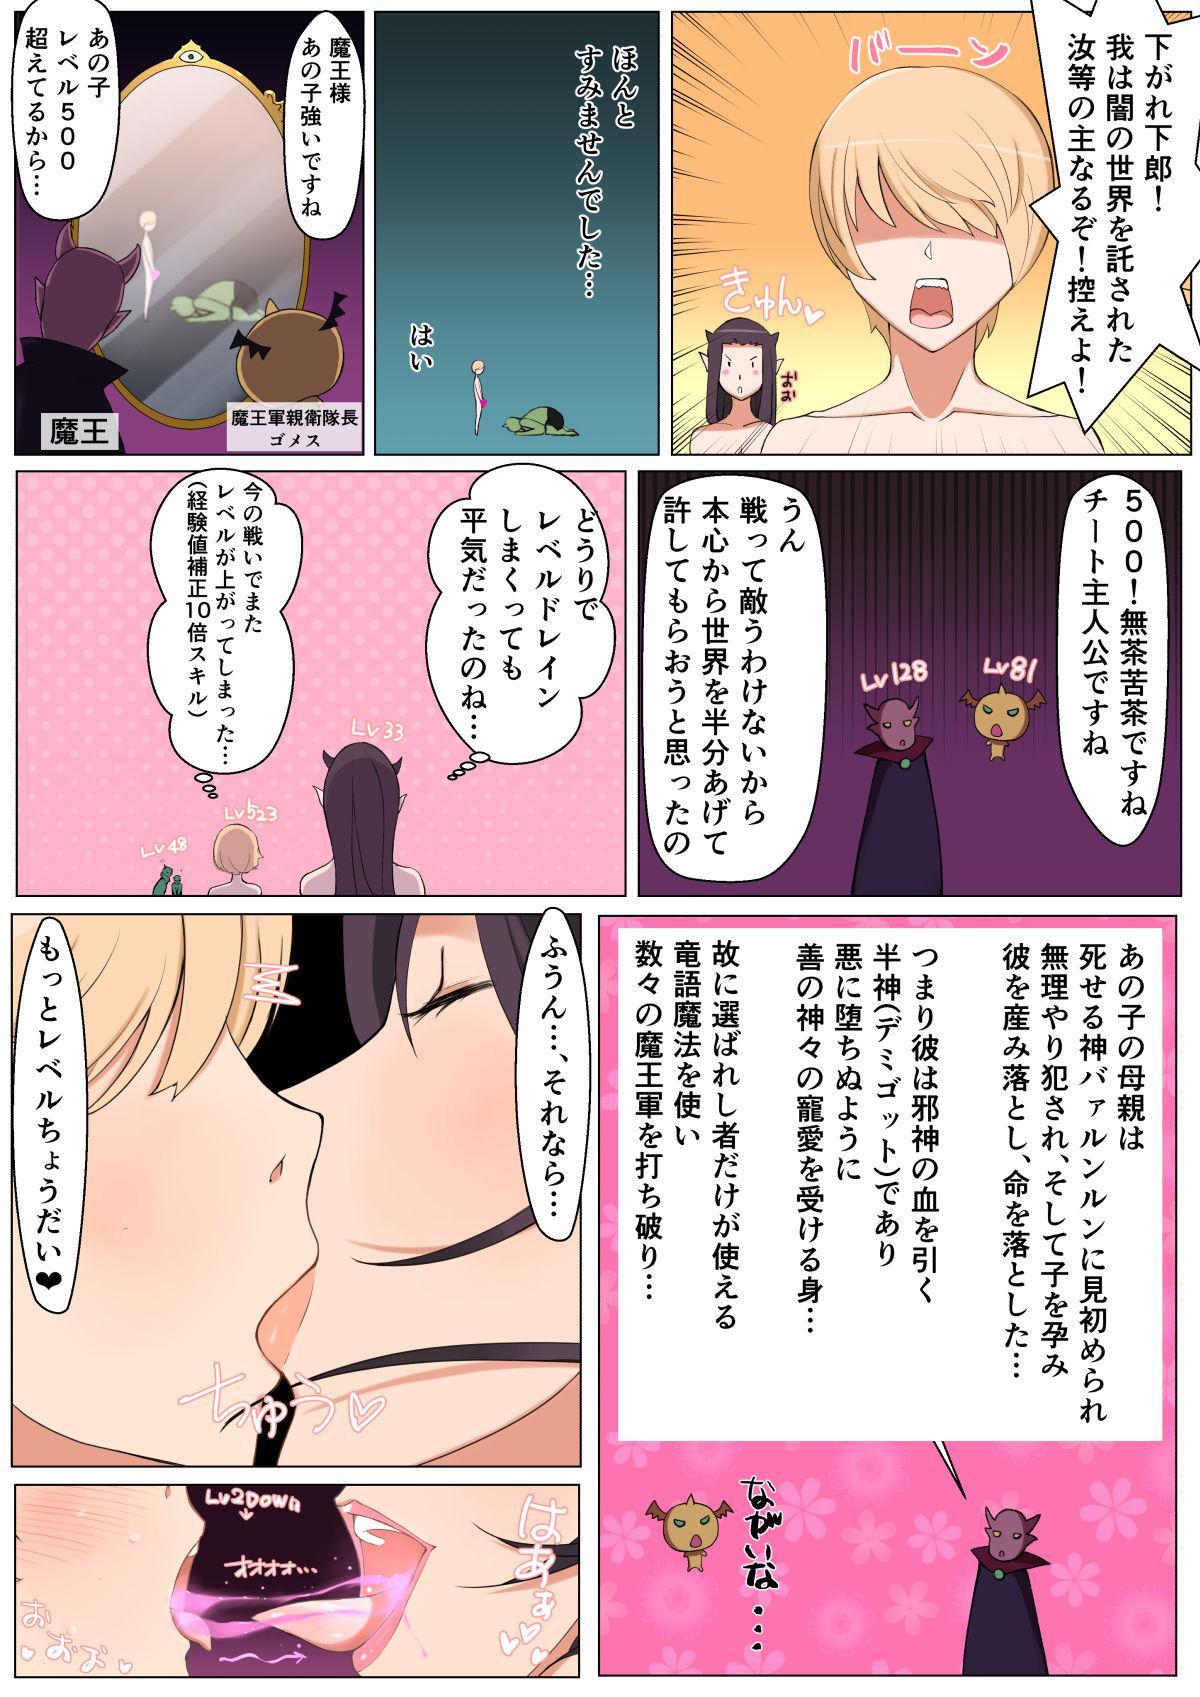 Yami no Sekai ni Ochitara Succubus Mama ni Otosaremashita 48